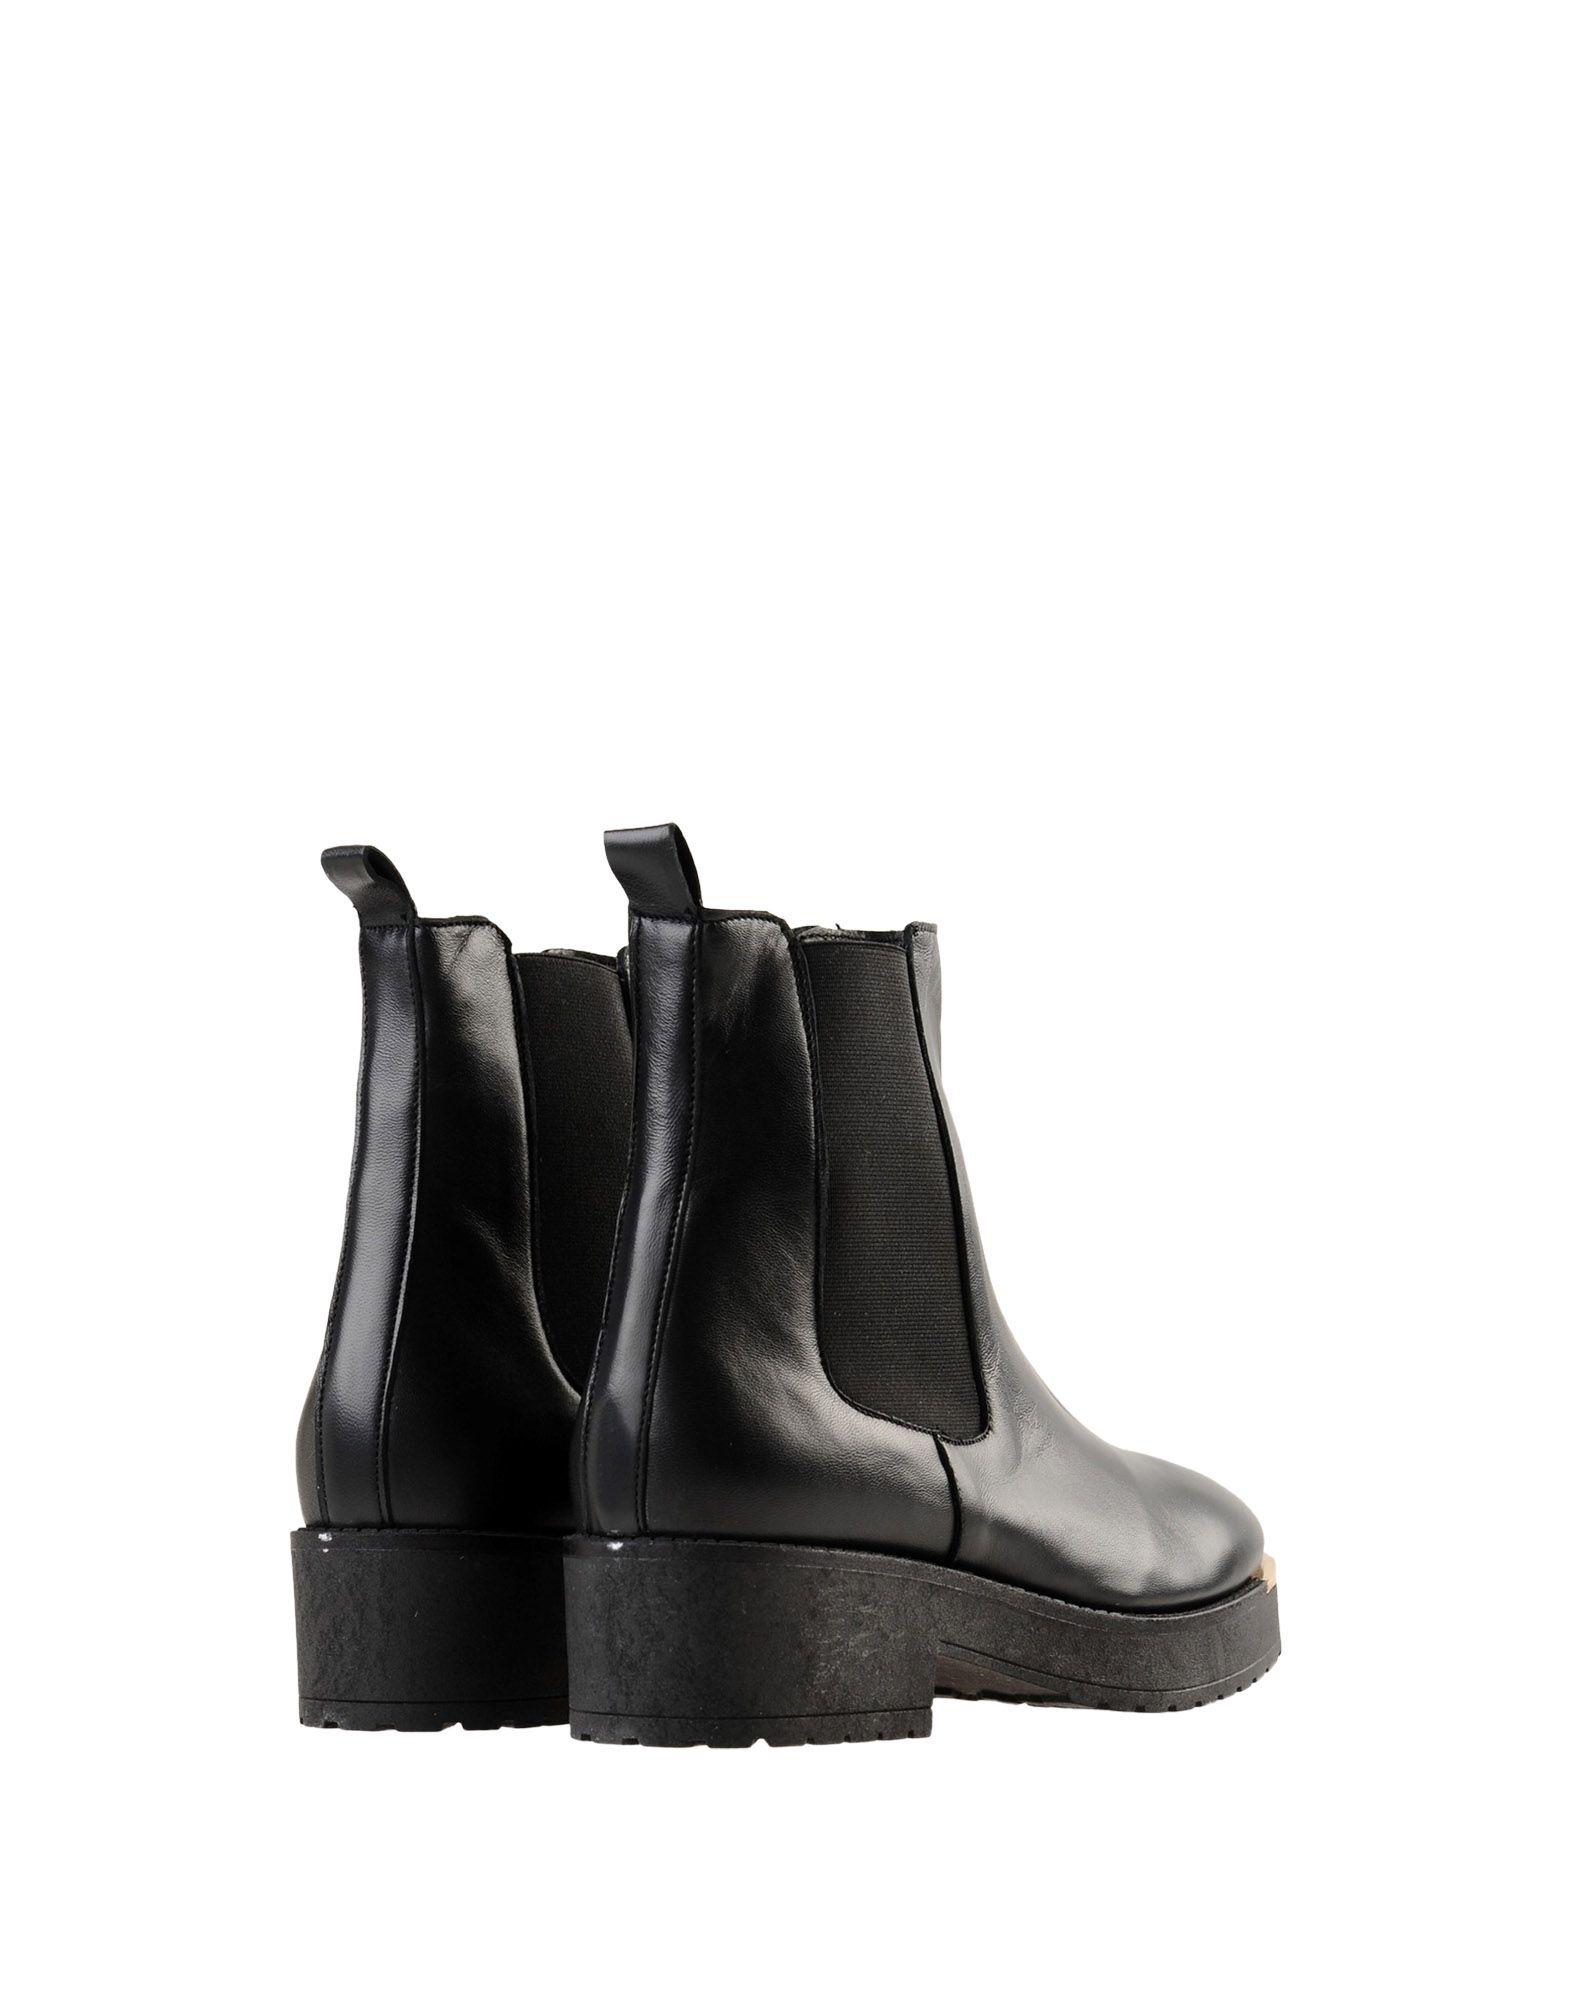 Damen Fabrizio Chini Chelsea Boots Damen   11536619QJ f9ab87